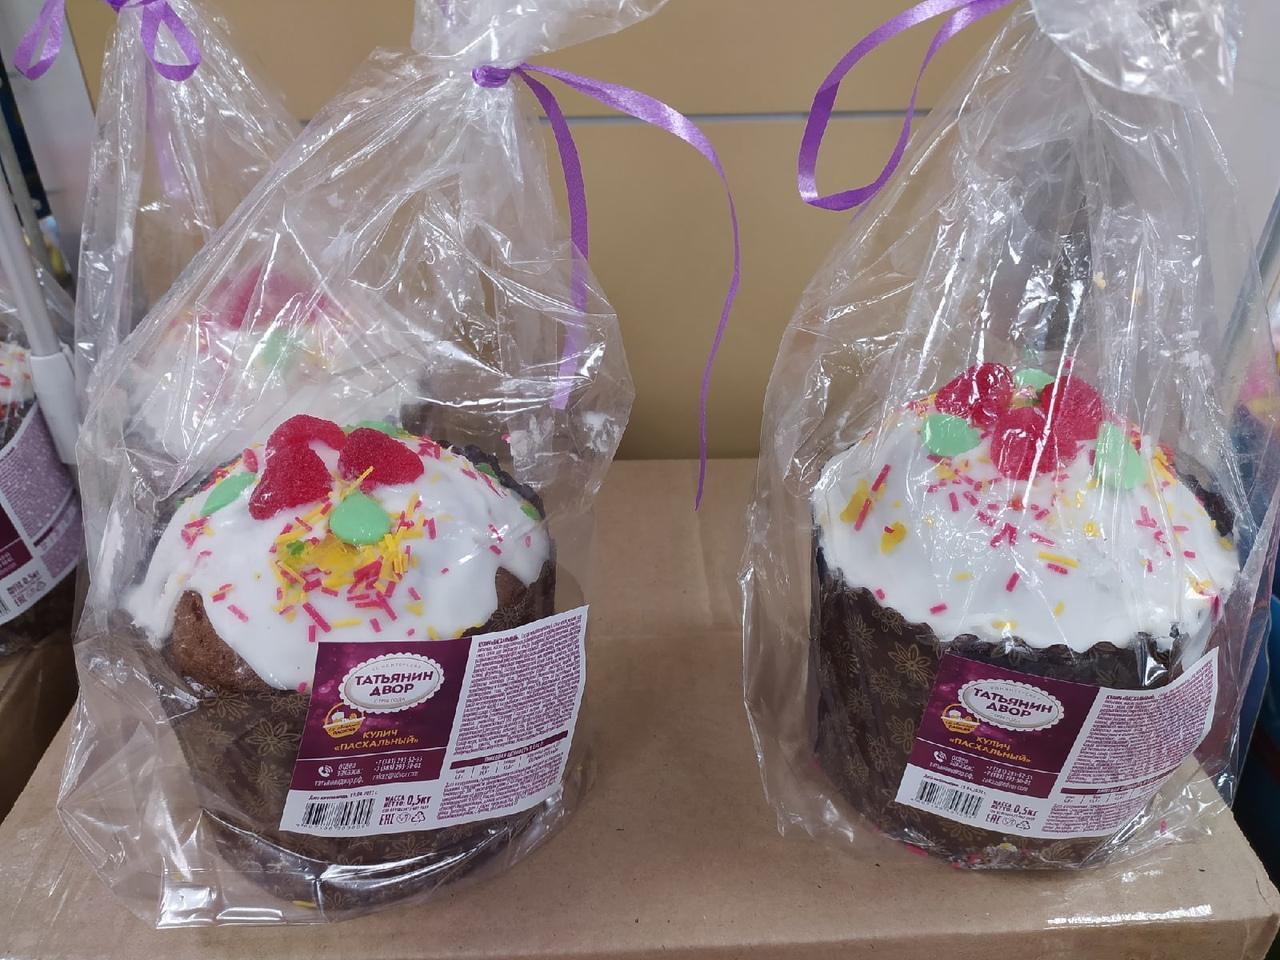 фото Куличи и красители для яиц к Пасхе: обзор цен на праздничные товары в Новосибирске 2